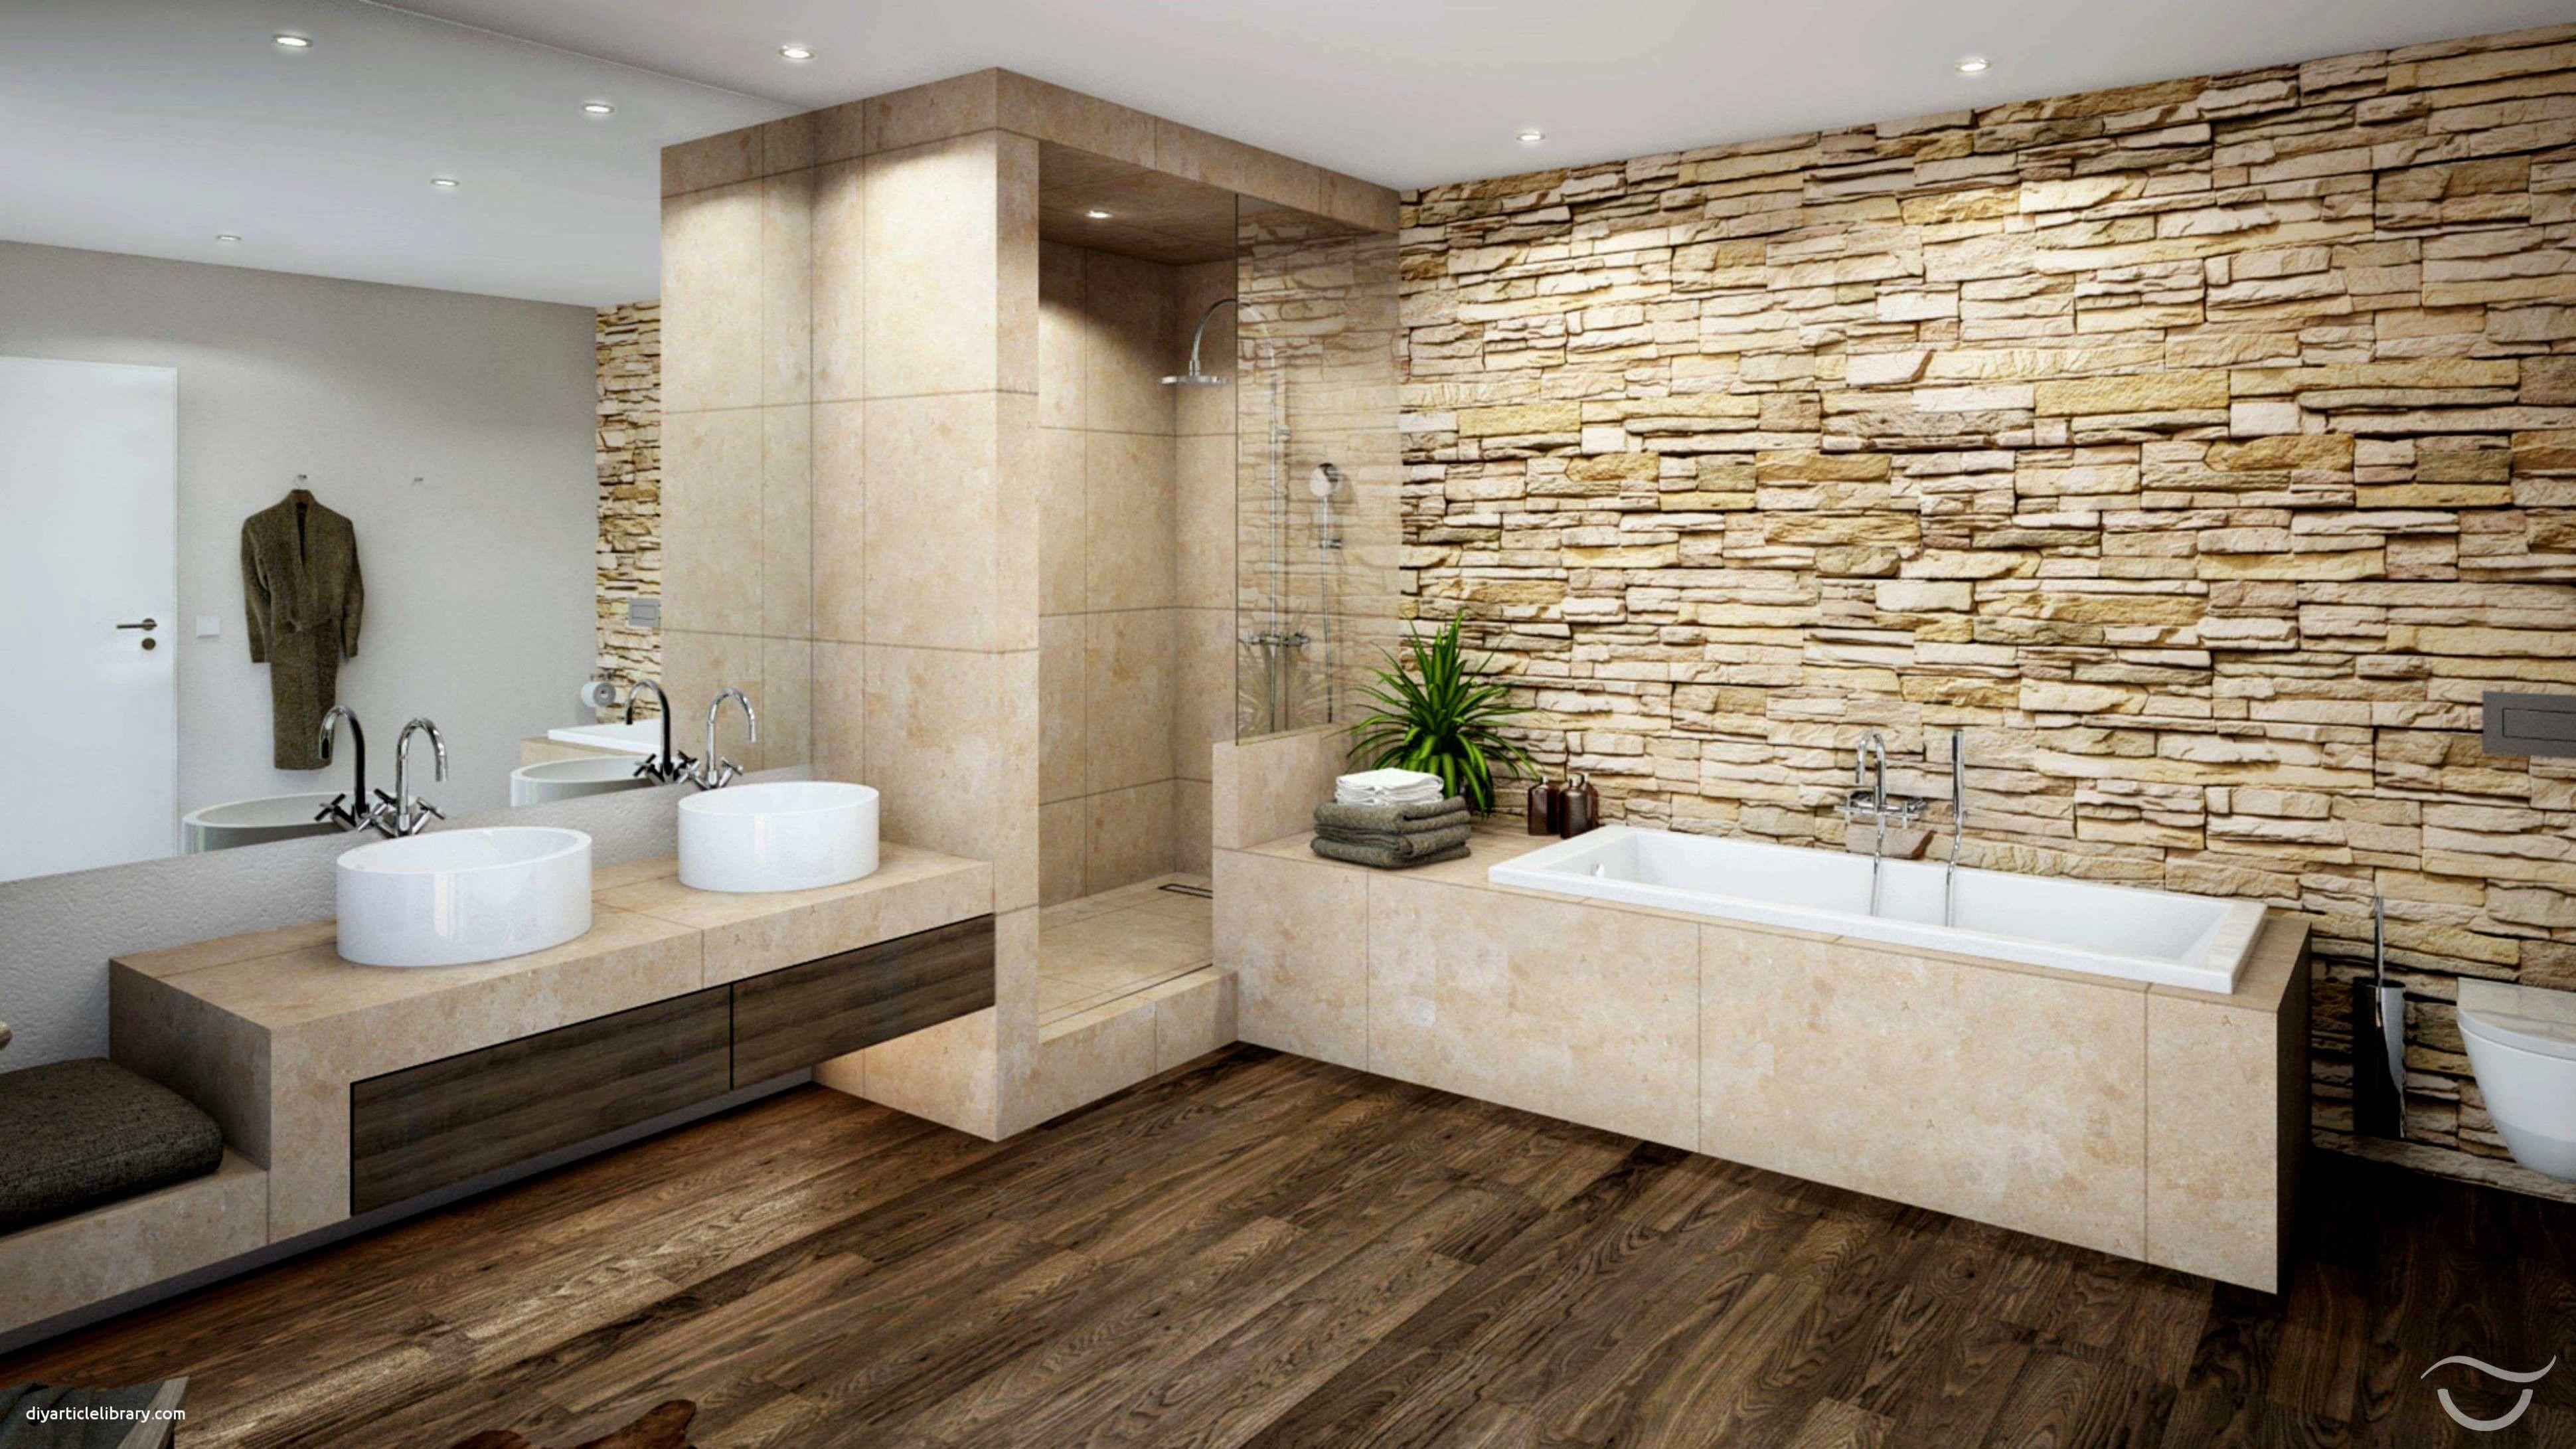 Badezimmer Aufteilung Ideen Badezimmer Innenausstattung Badezimmerideen Badezimmer